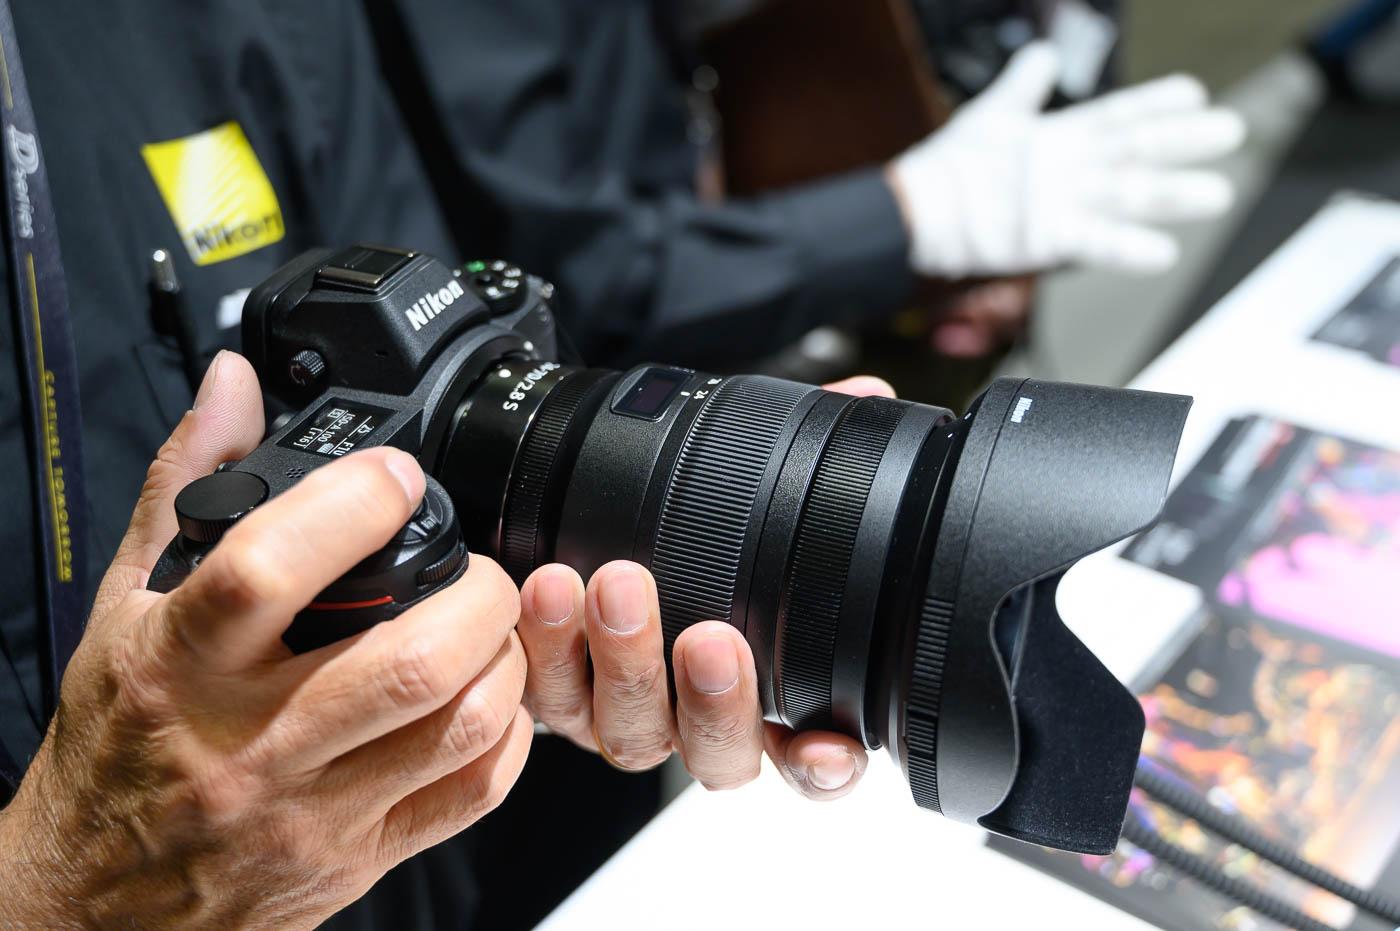 Nikon au Salon de la Photo 2019 : «le Nikon Z 6 est numéro 2 du marché sur l'hybride plein format» 1 an seulement après sa sortie